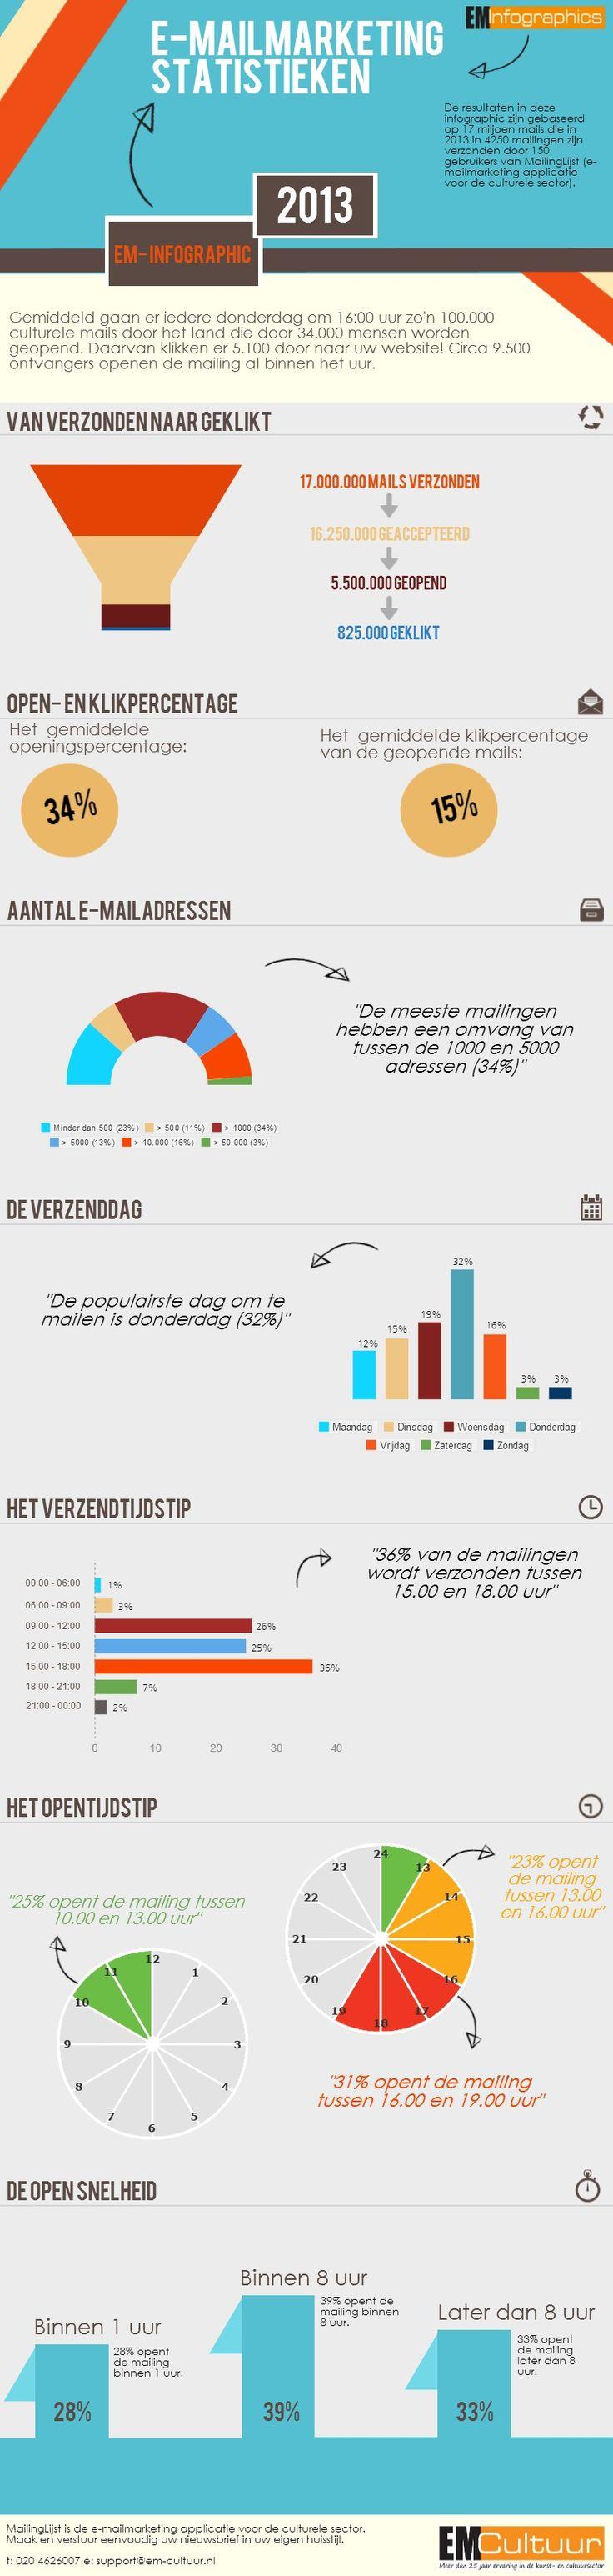 Deze infographic is een visualisatie van culturele e-mailmarketingstatistieken met de verzend-, open- en klikcijfers van meer dan 4250 culturele e-mailcampagnes in 2013.